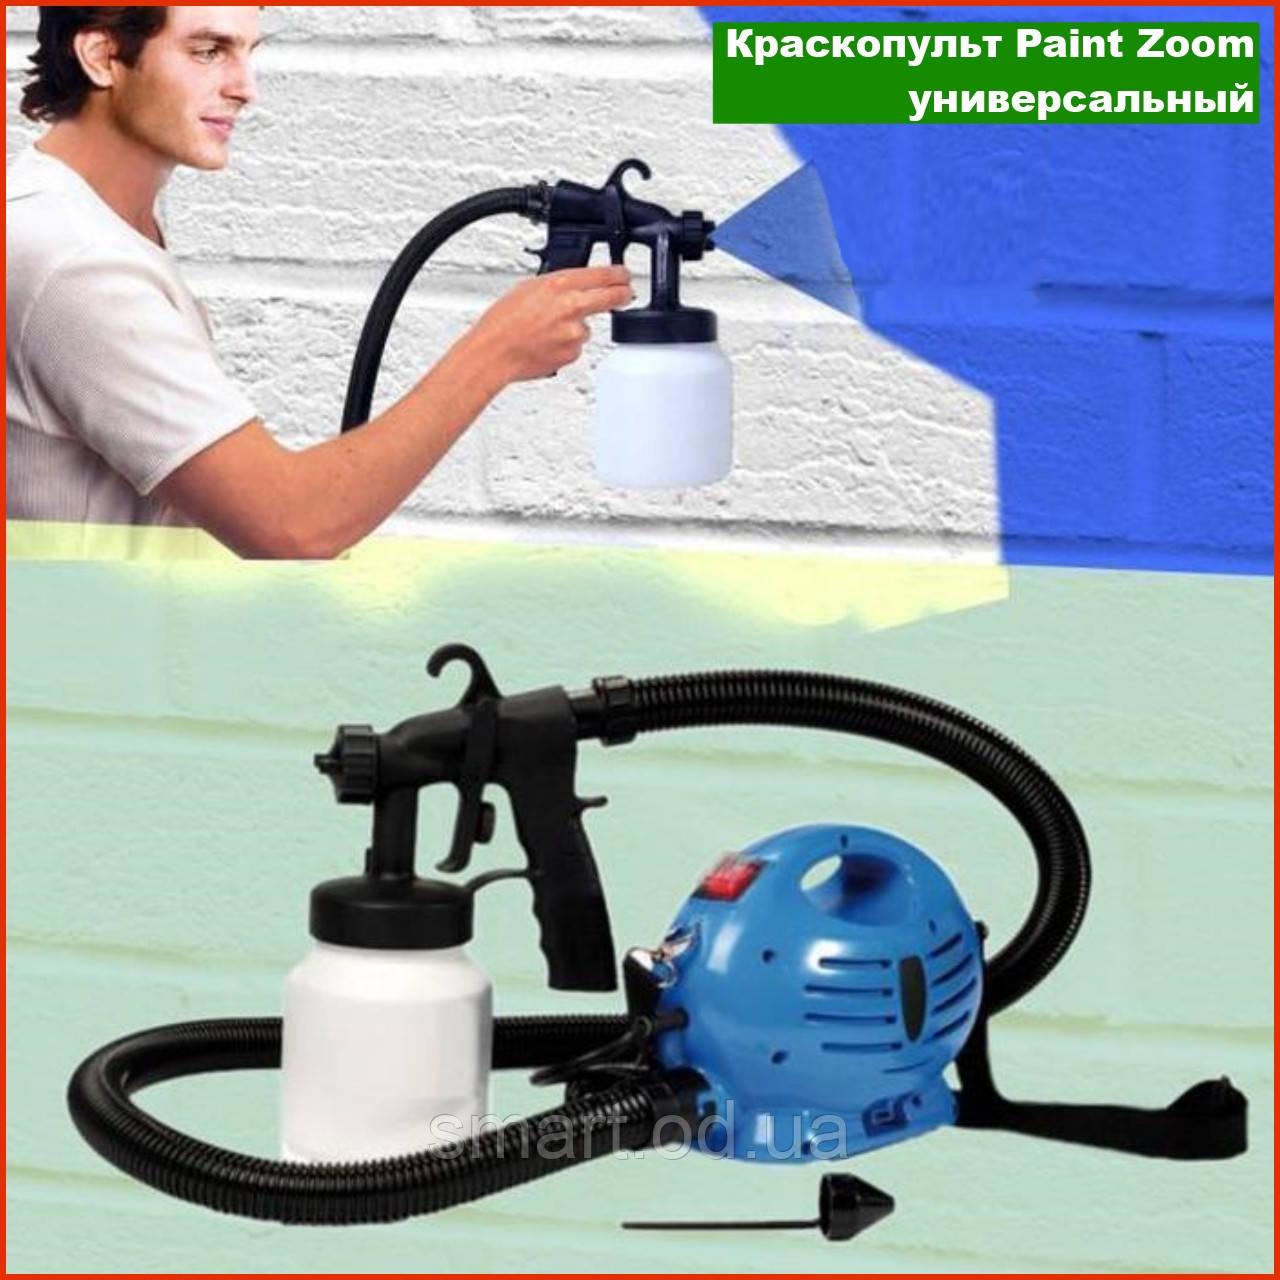 Універсальний краскопульт пульверизатор Paint Zoom Пейнт Зум побутової пневматичний розпилювач фарби фарбування